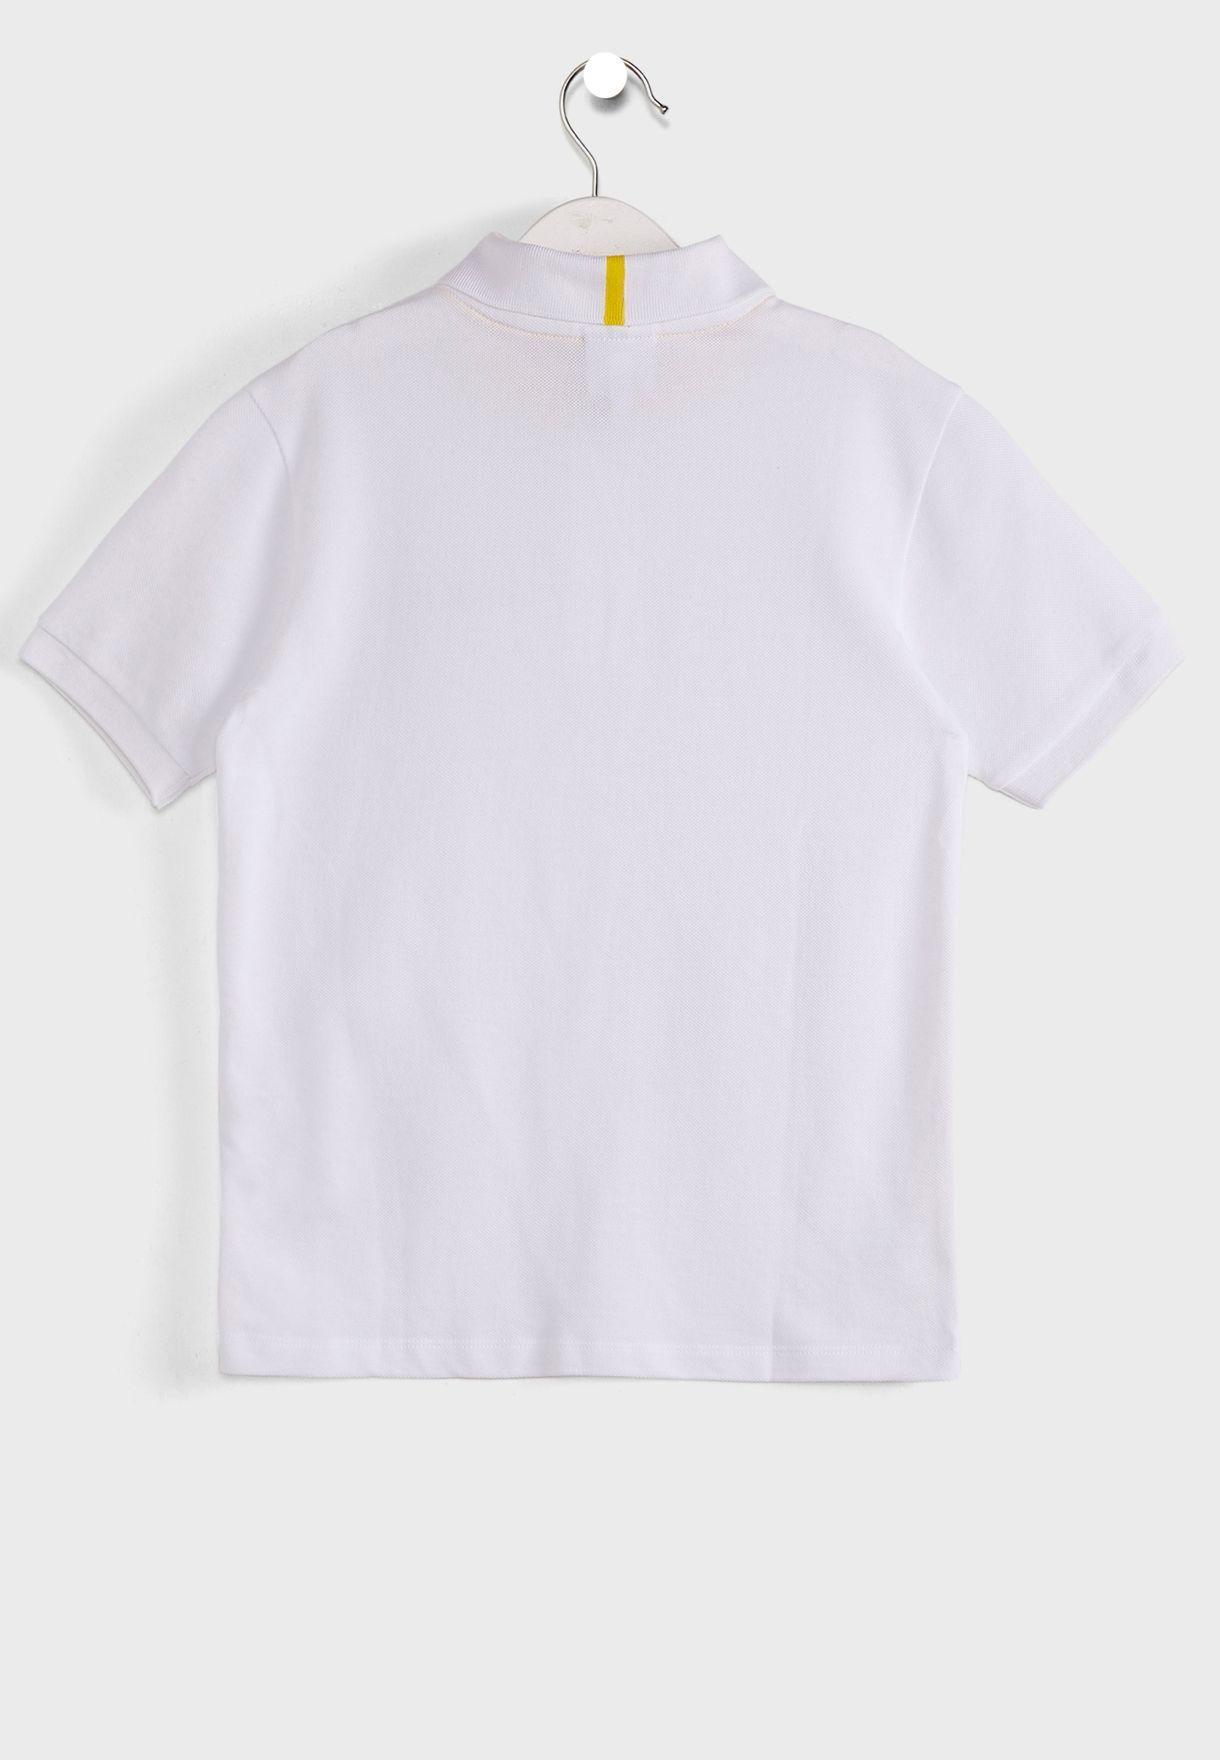 قميص كلاسيكي بشعار الماركة